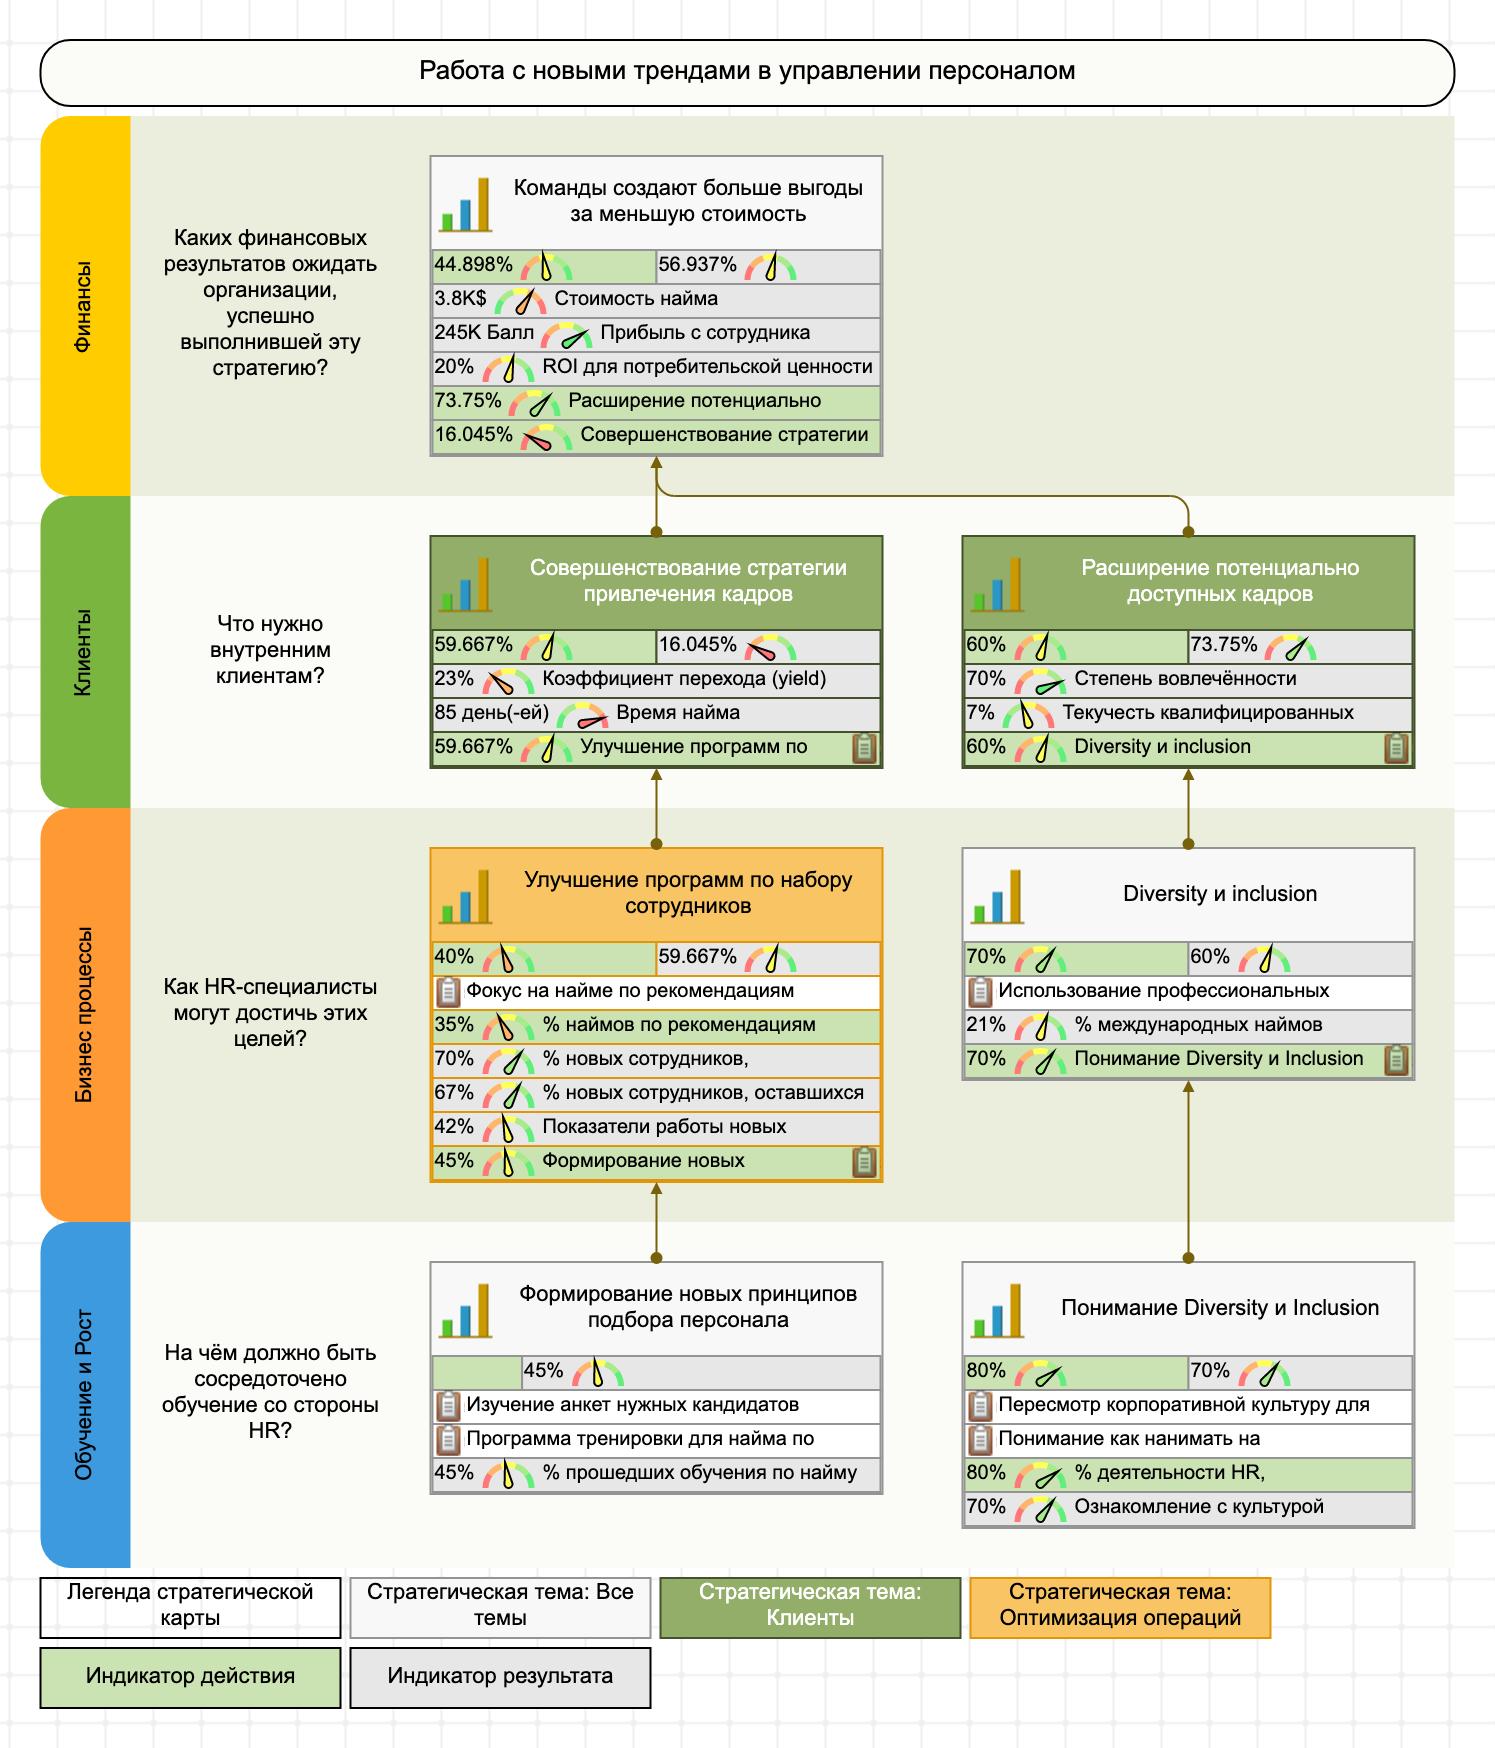 Стратегическая карта ССП для кадровой стратегии